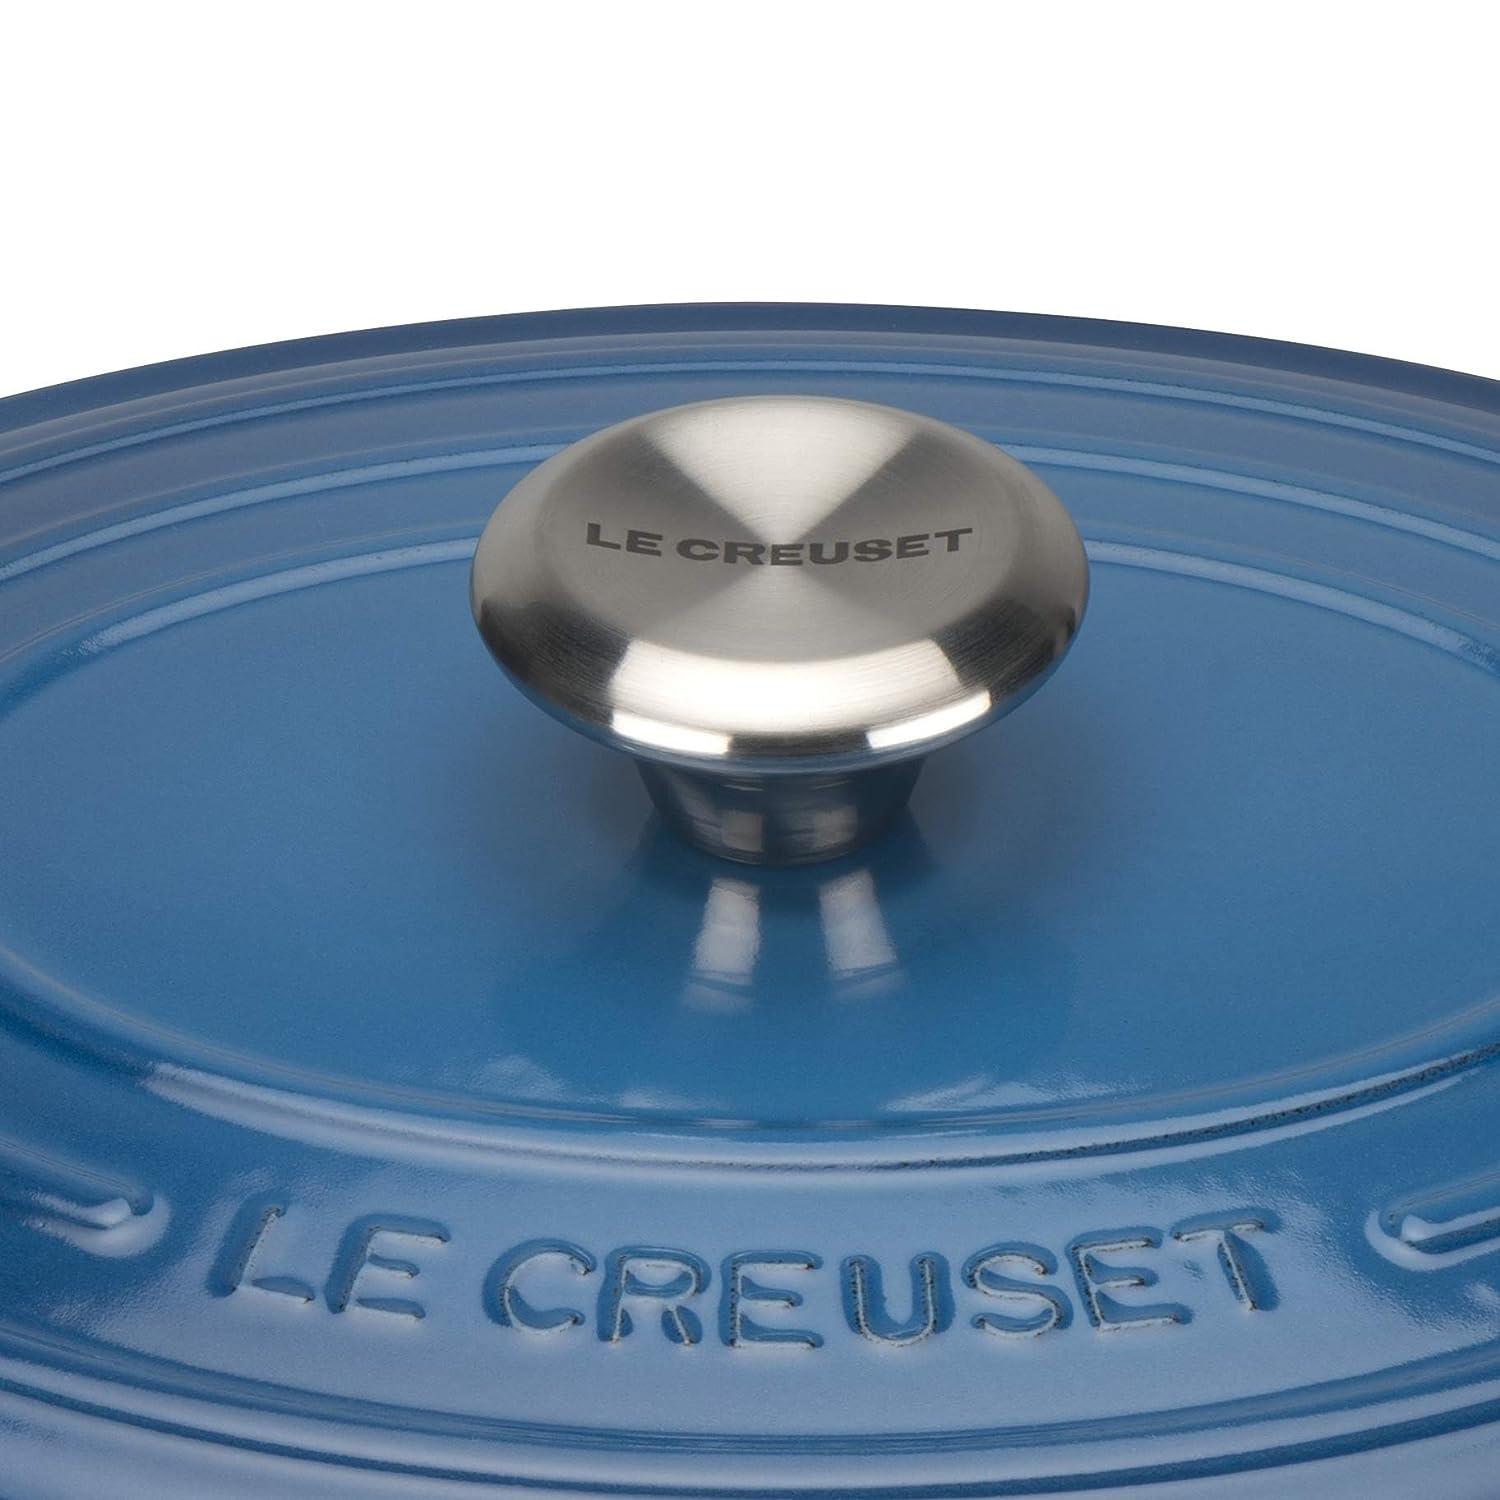 LE CREUSET Evolution Cocotte con Tapa, Ovalada, Todas Las Fuentes de Calor Incl. inducción, 3,2 l, Hierro Fundido, Azul Marseille, 25 cm